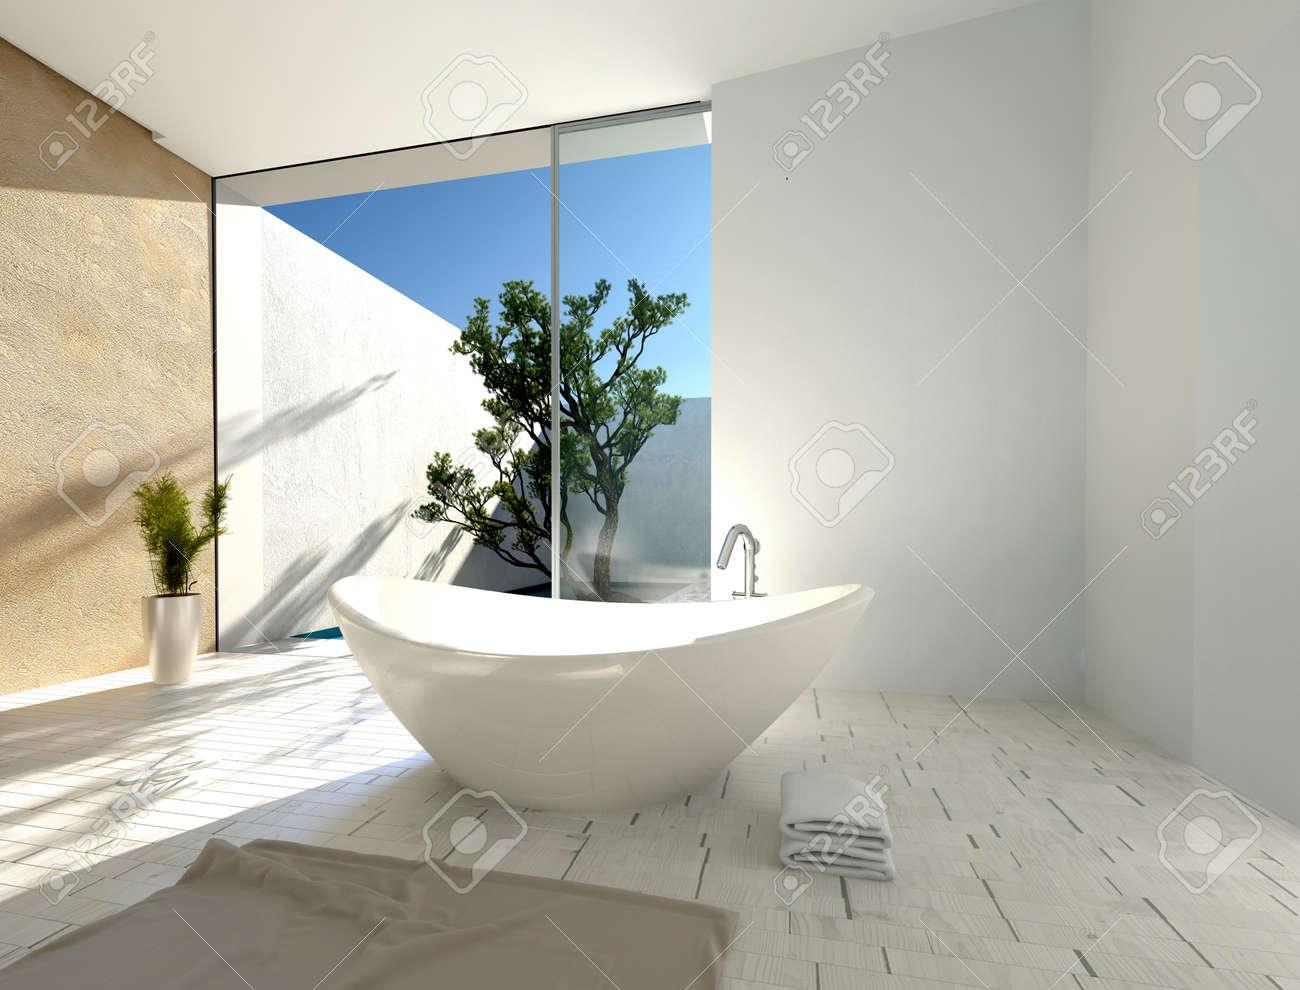 Baignoire En Forme De Bateau Elegant Et Moderne Dans Une Salle De Bain Tropicale Ensoleillee Avec Des Murs Blancs Et Beige Parquet Et Porte En Verre